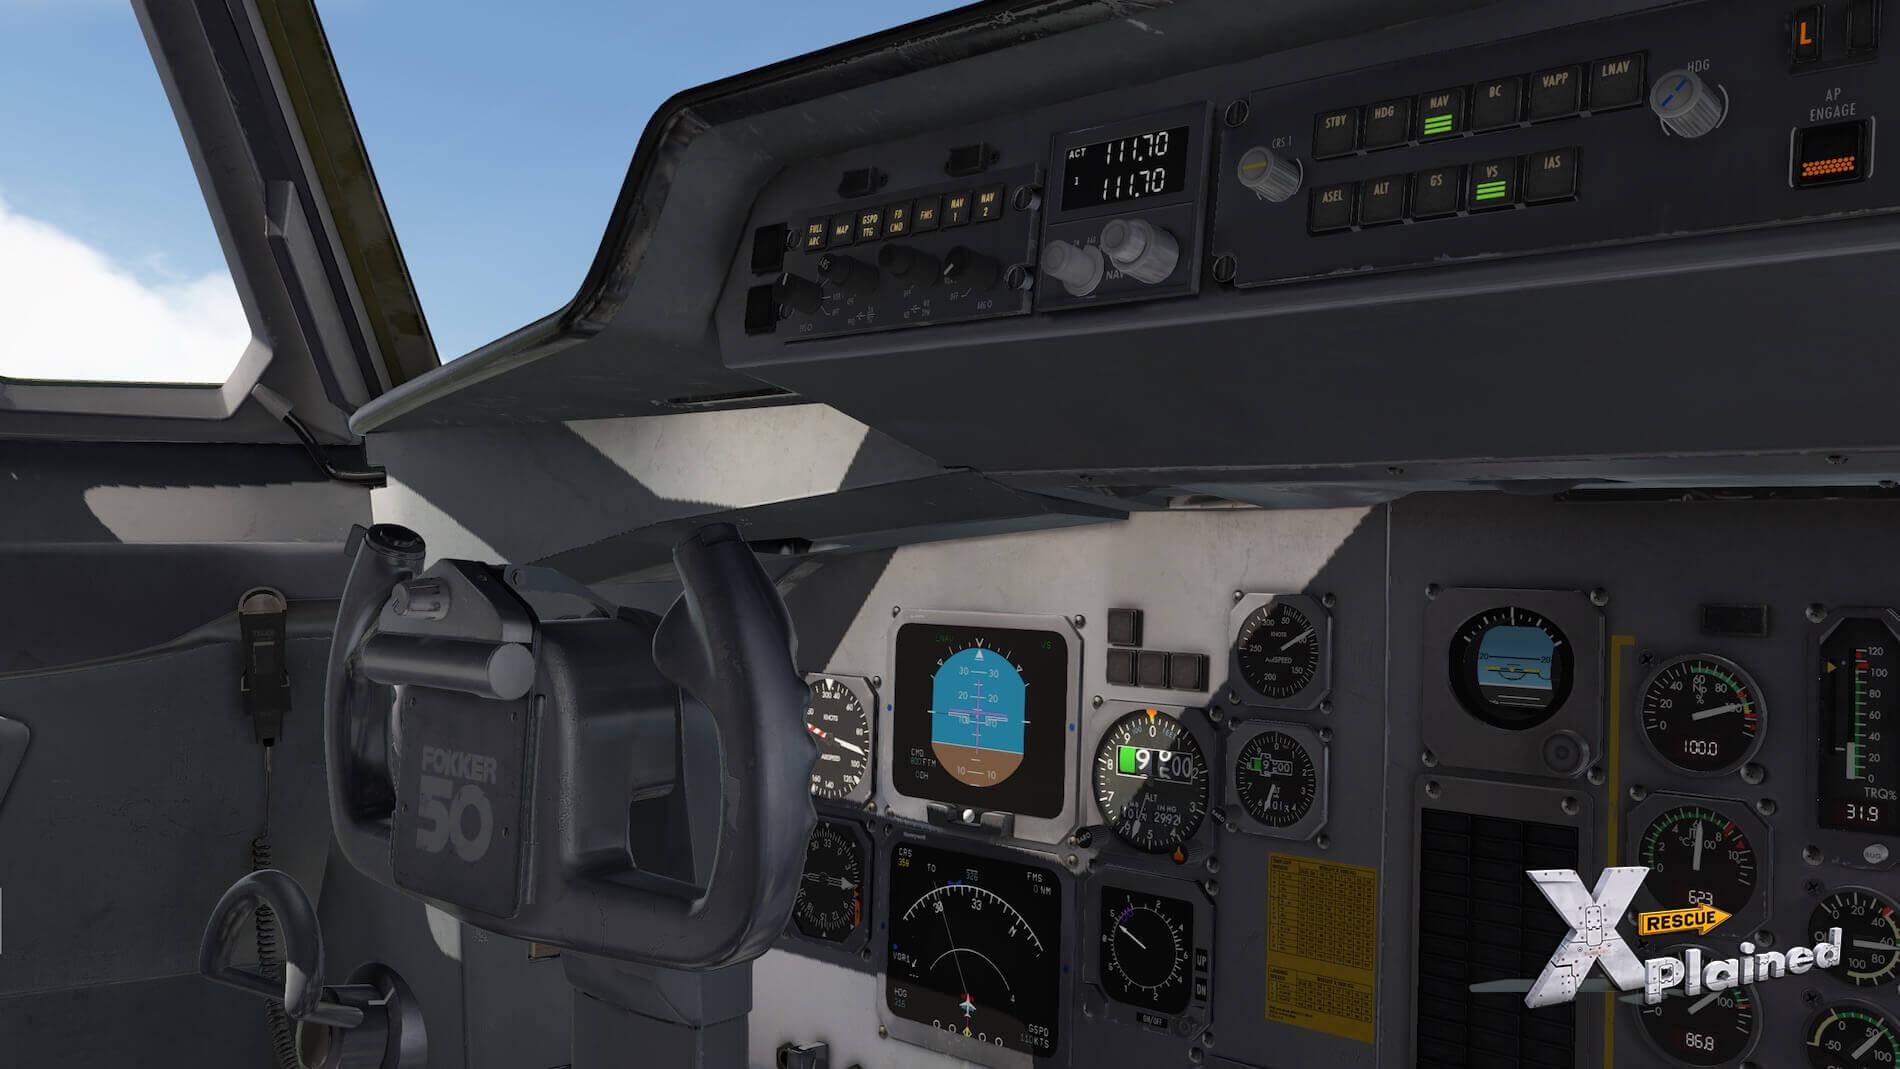 Impression-F50-Carenado-1